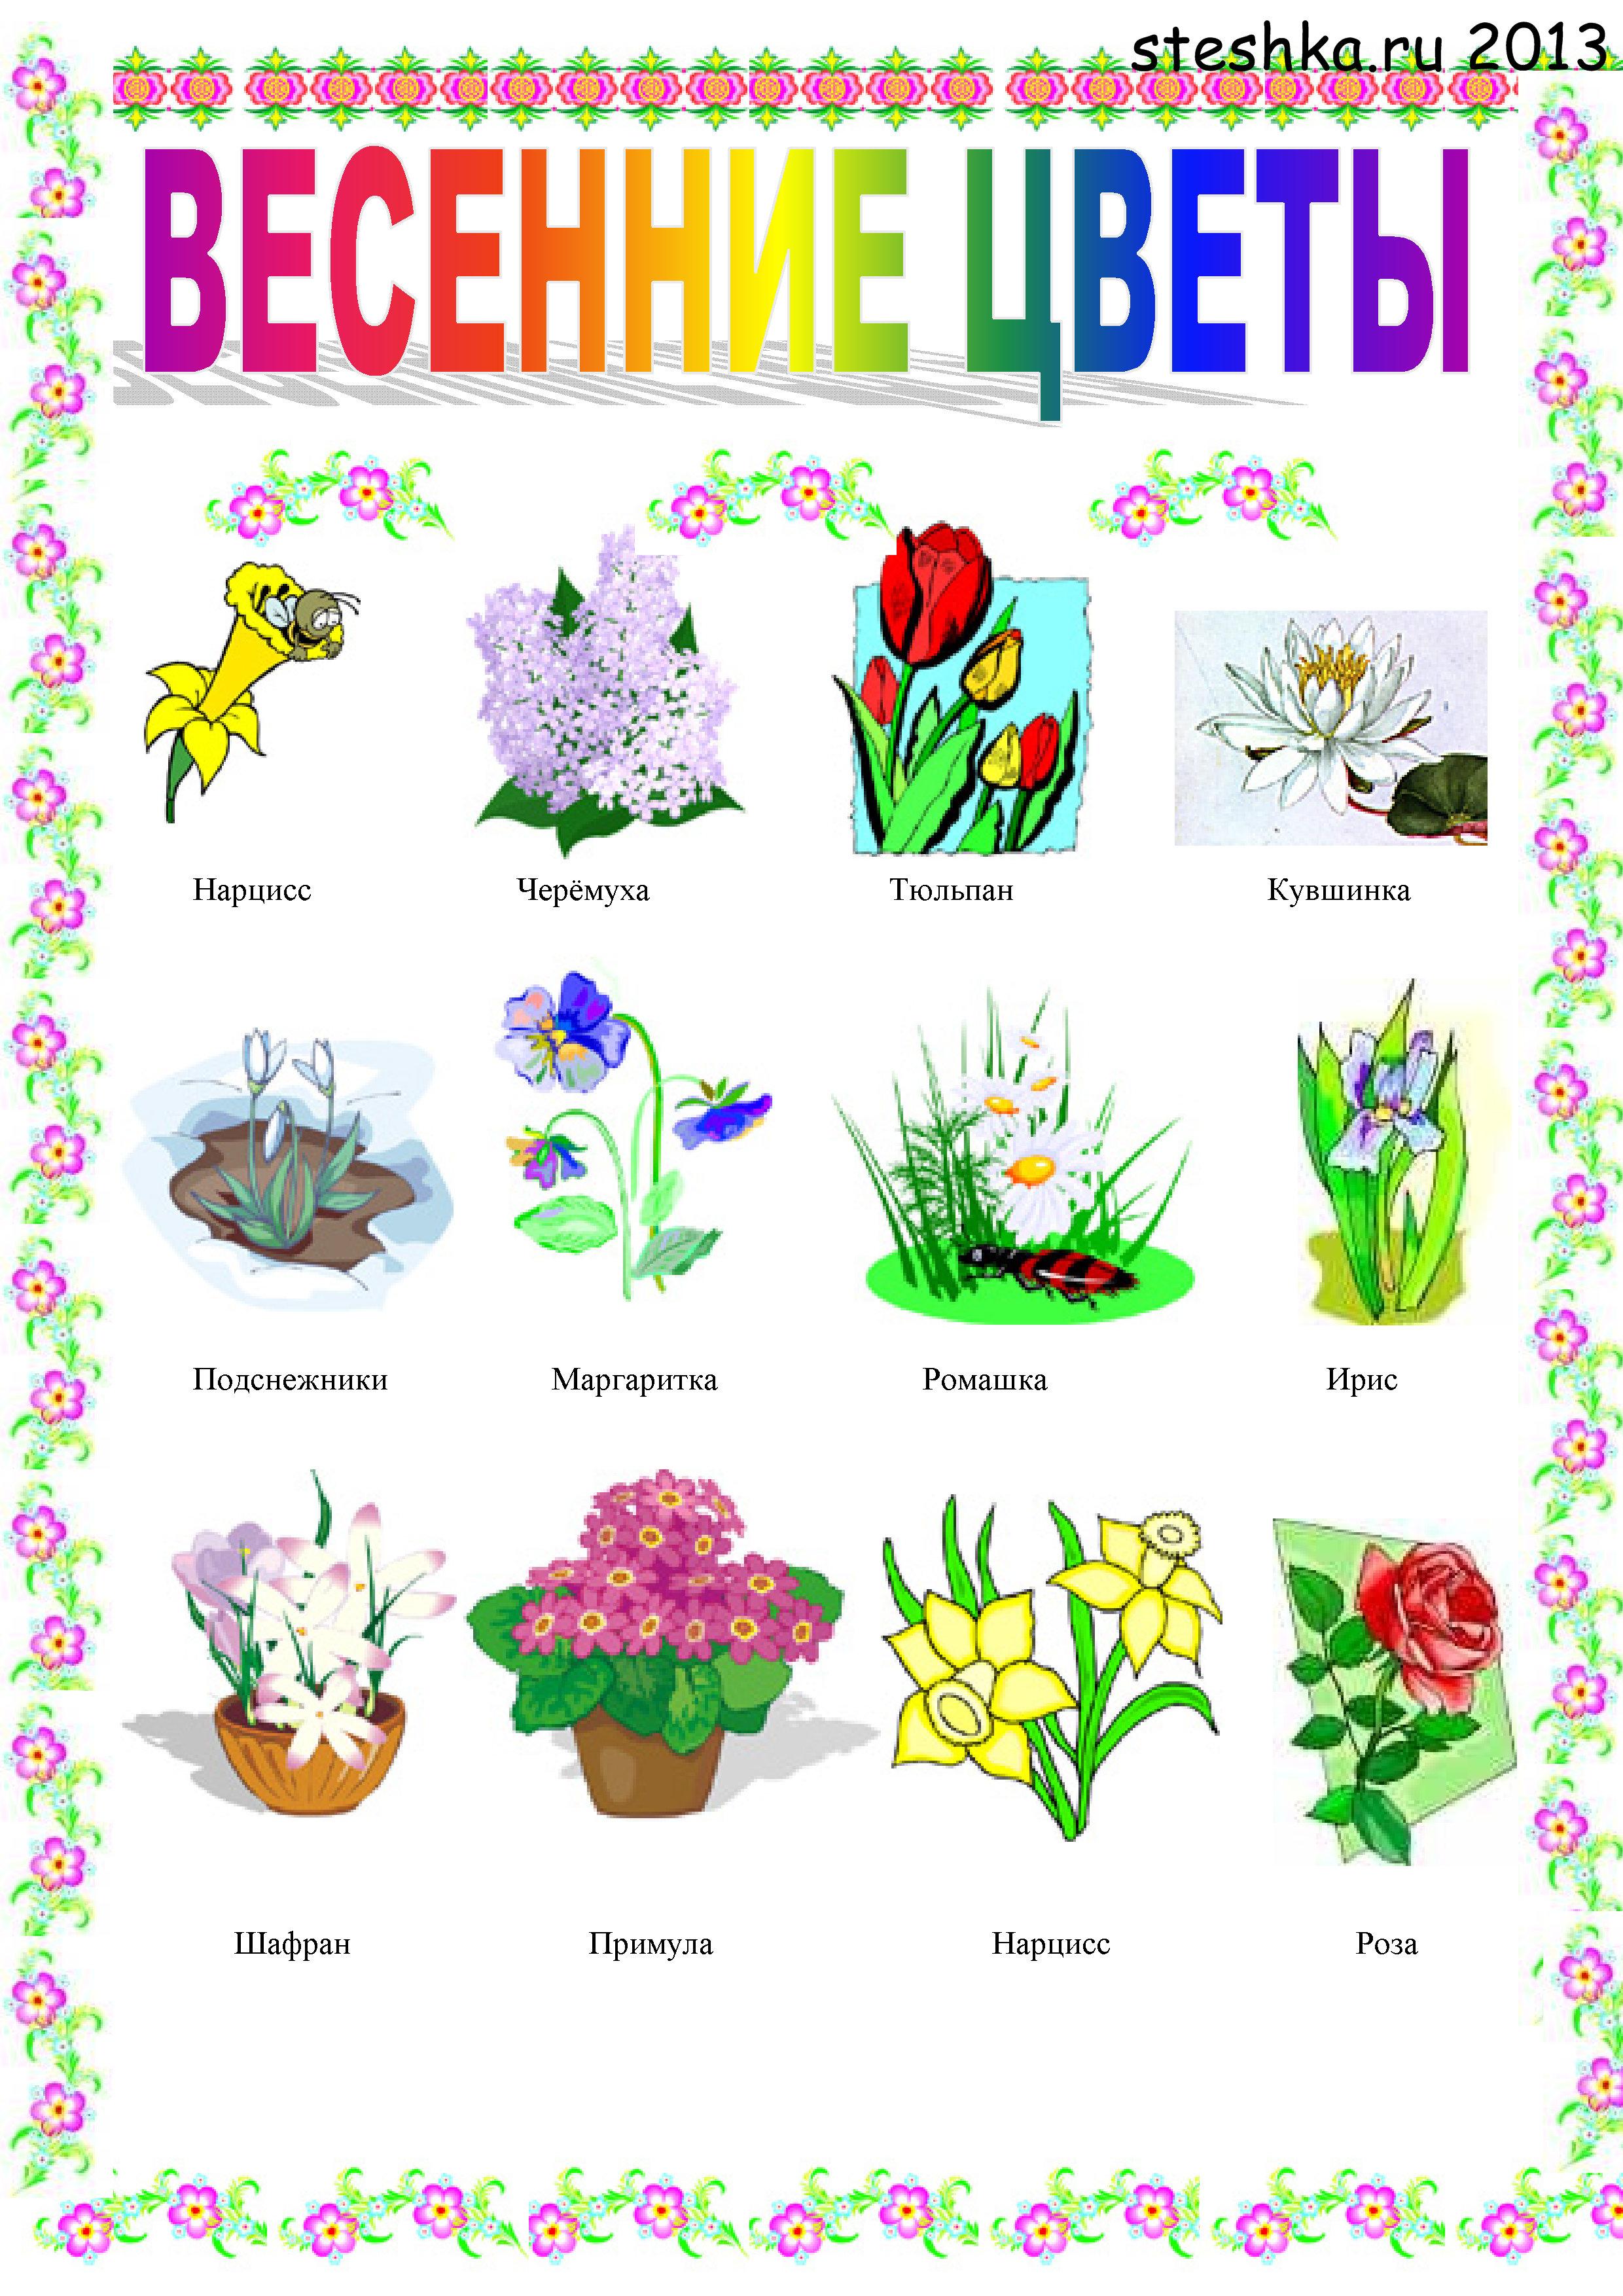 фото флажка для детей